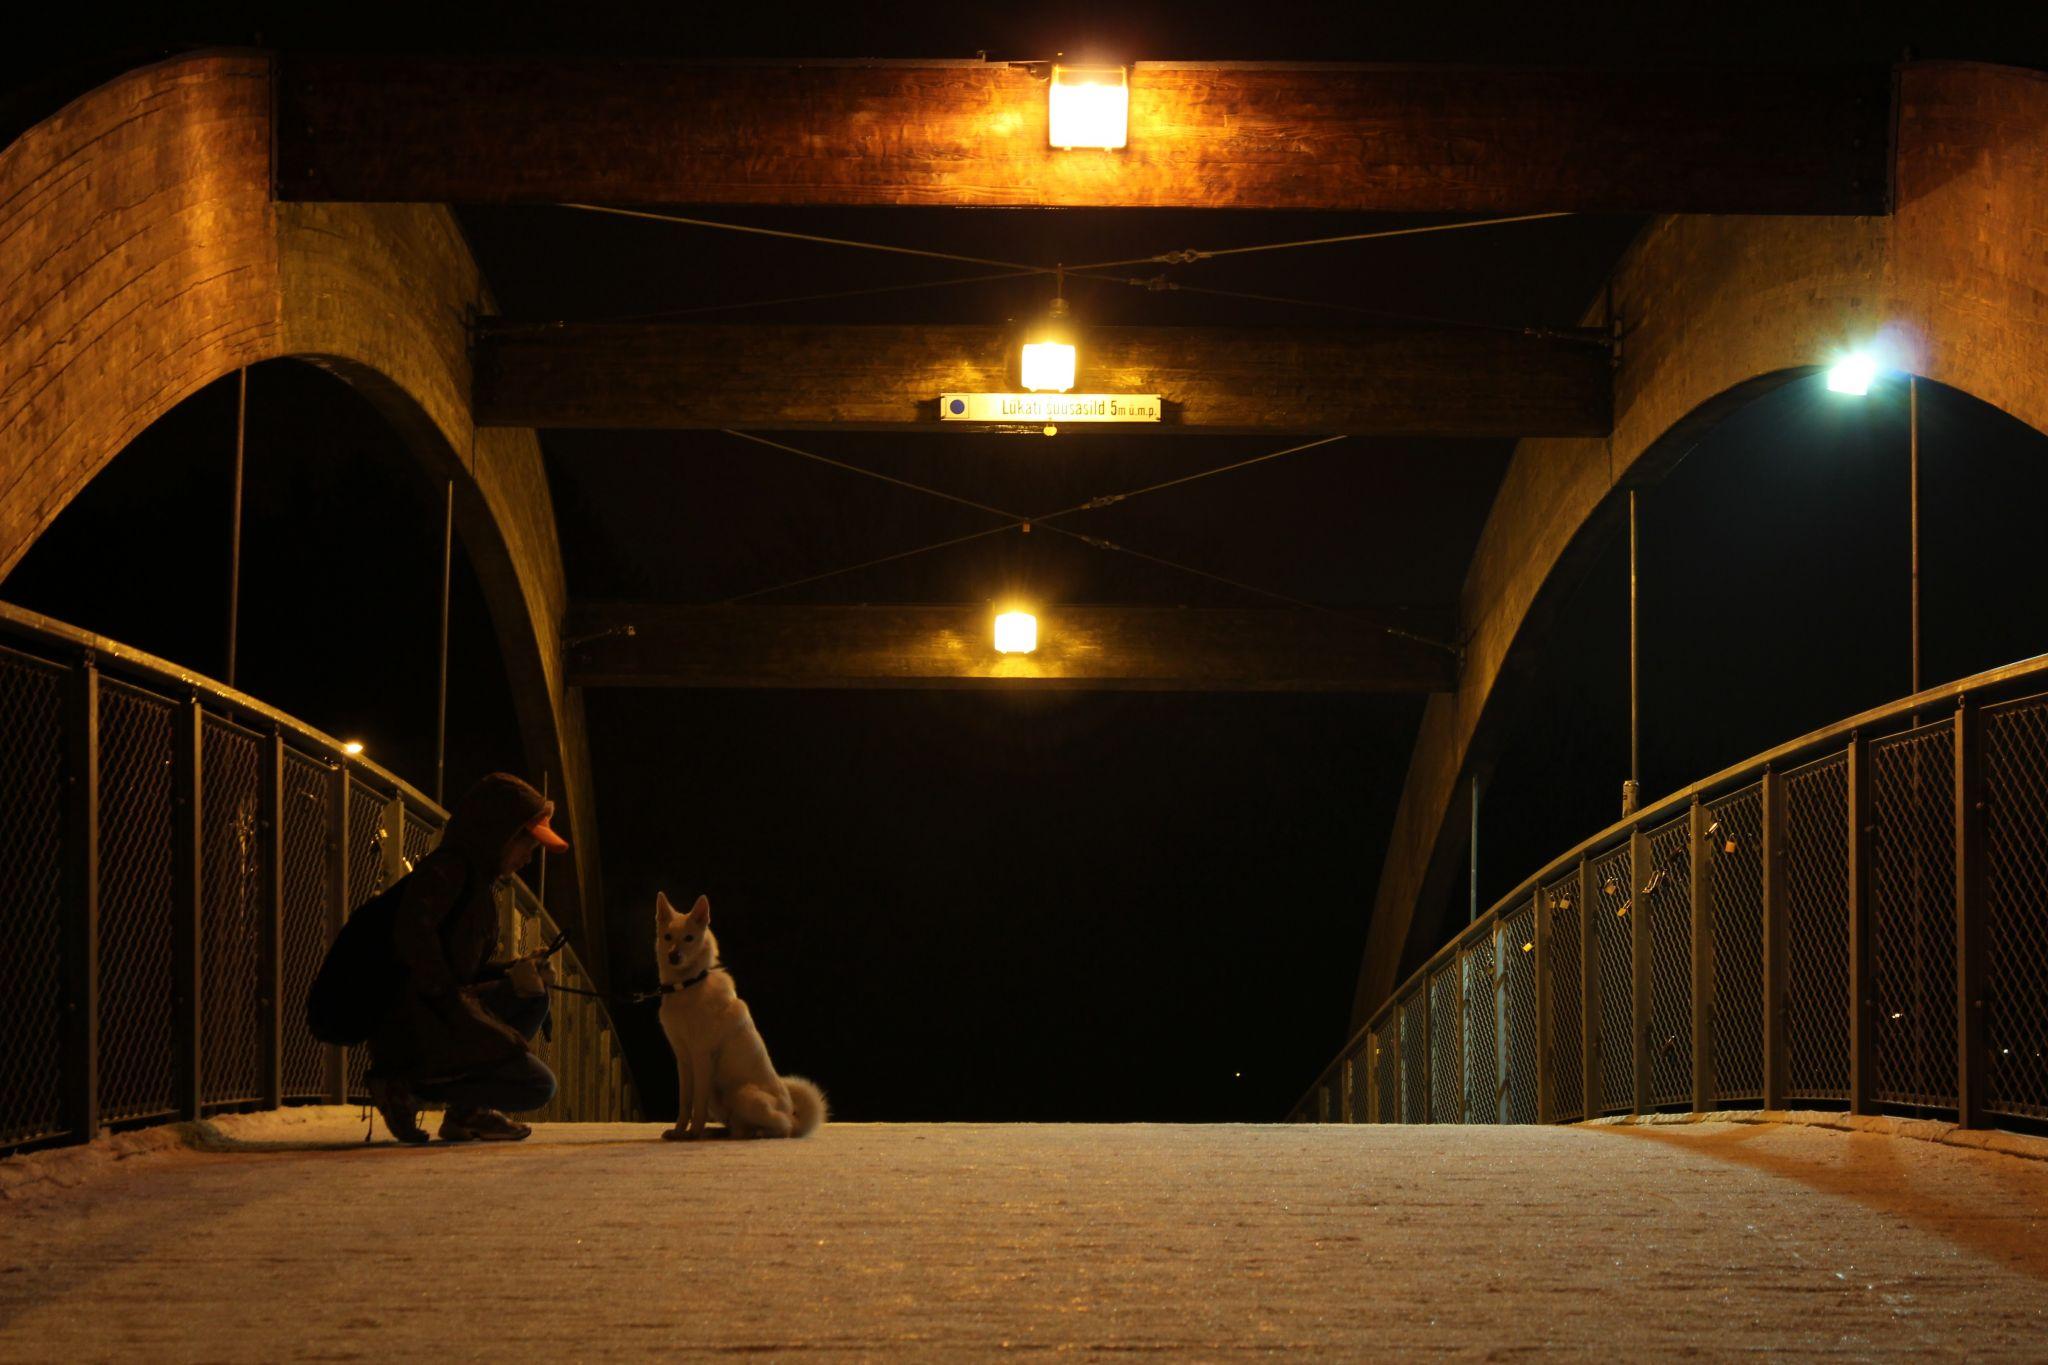 Pirita Tervise Rada Bridge, Estonia